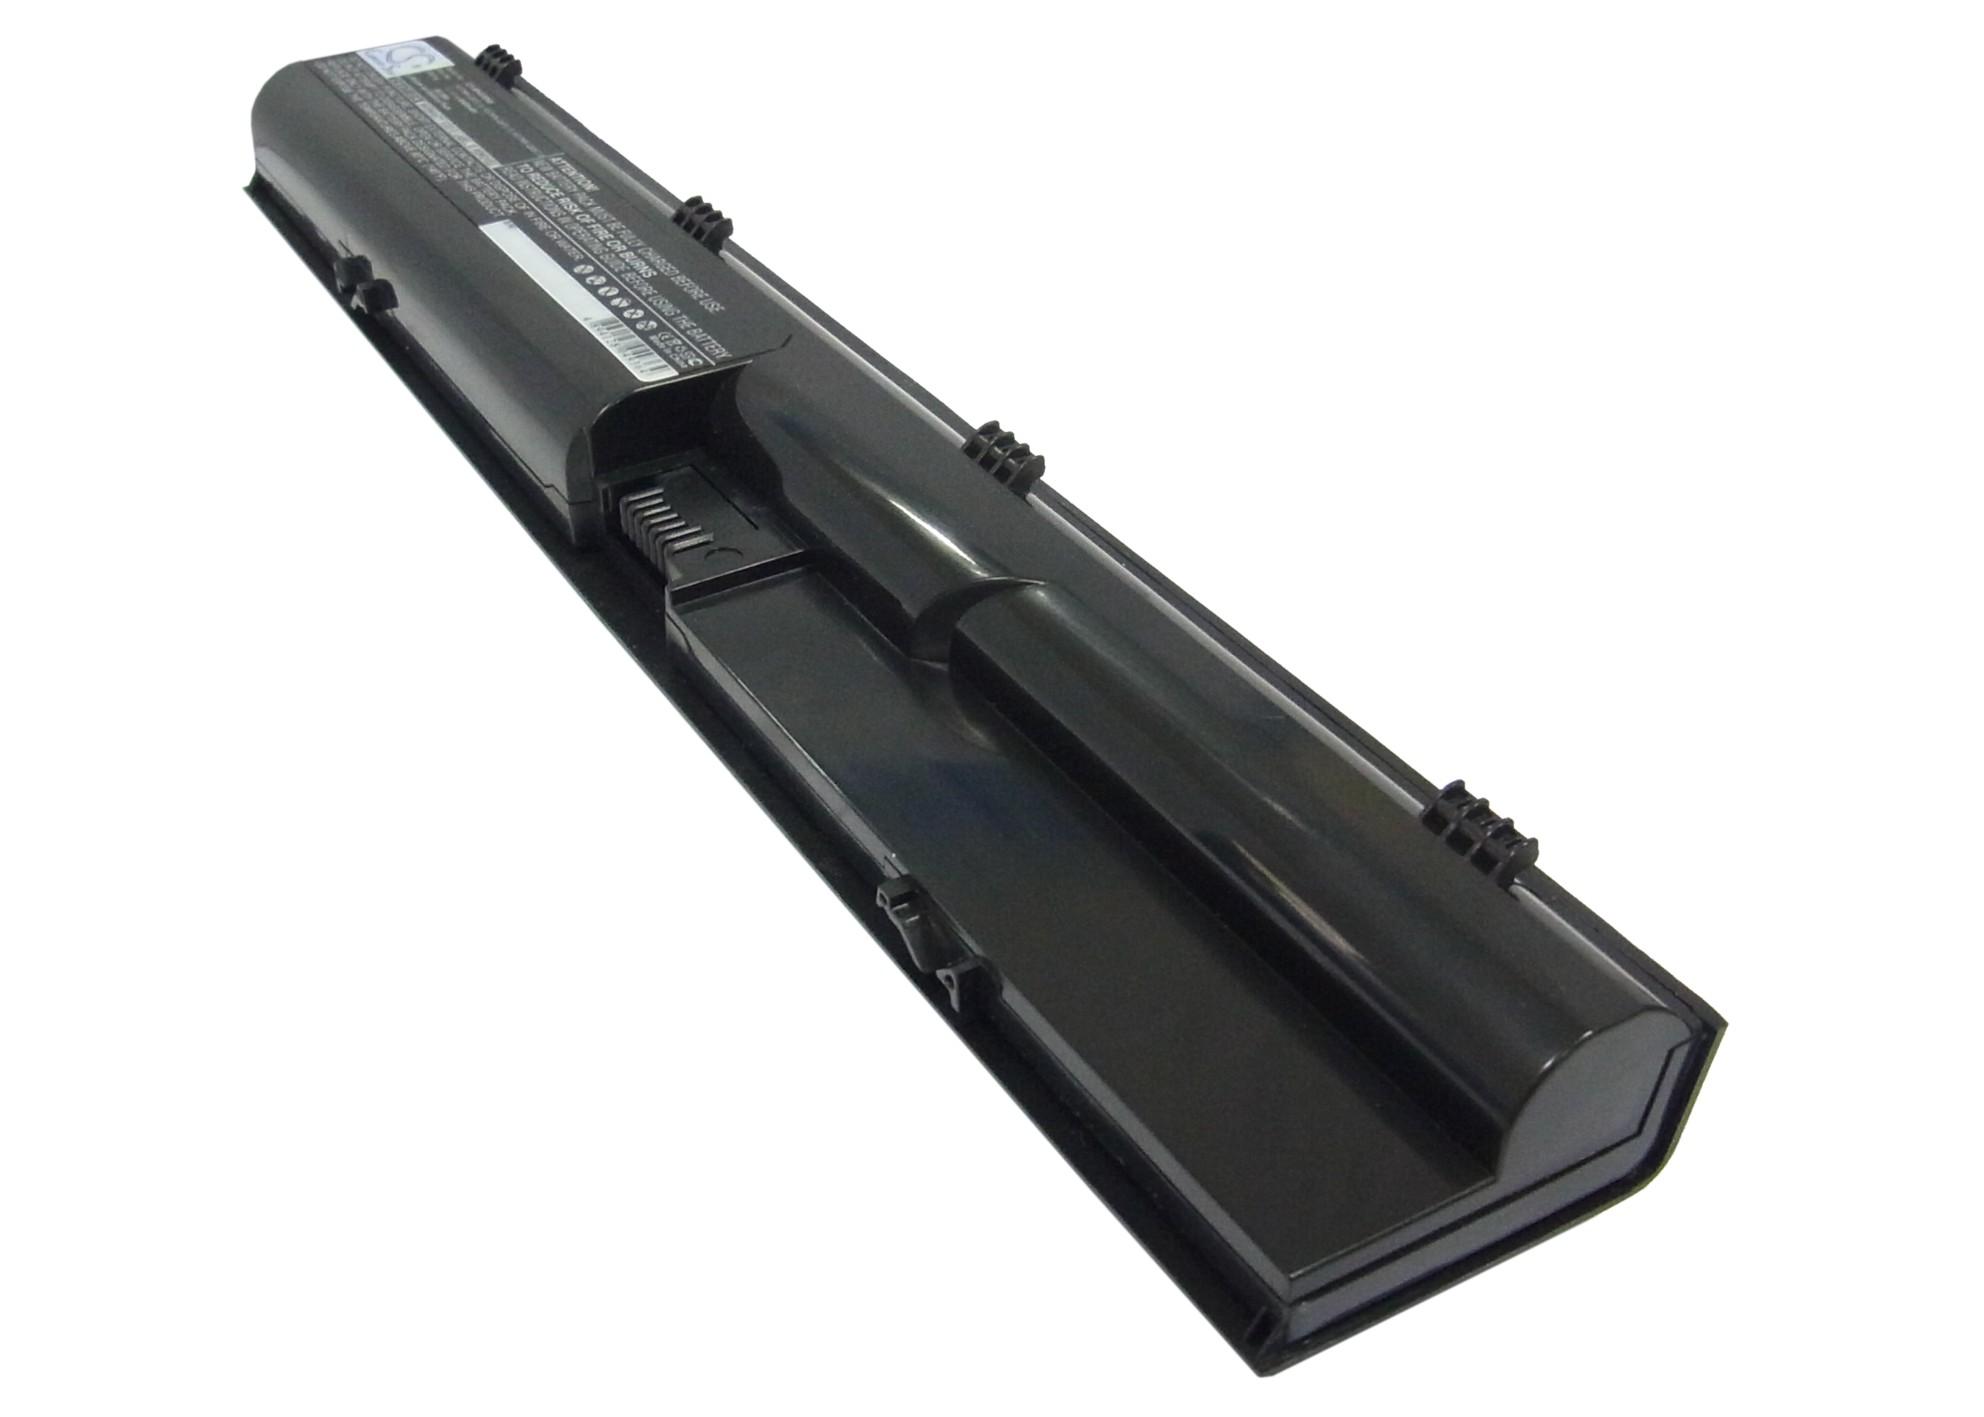 Cameron Sino baterie do notebooků pro HP ProBook 4530s 11.1V Li-ion 4400mAh černá - neoriginální